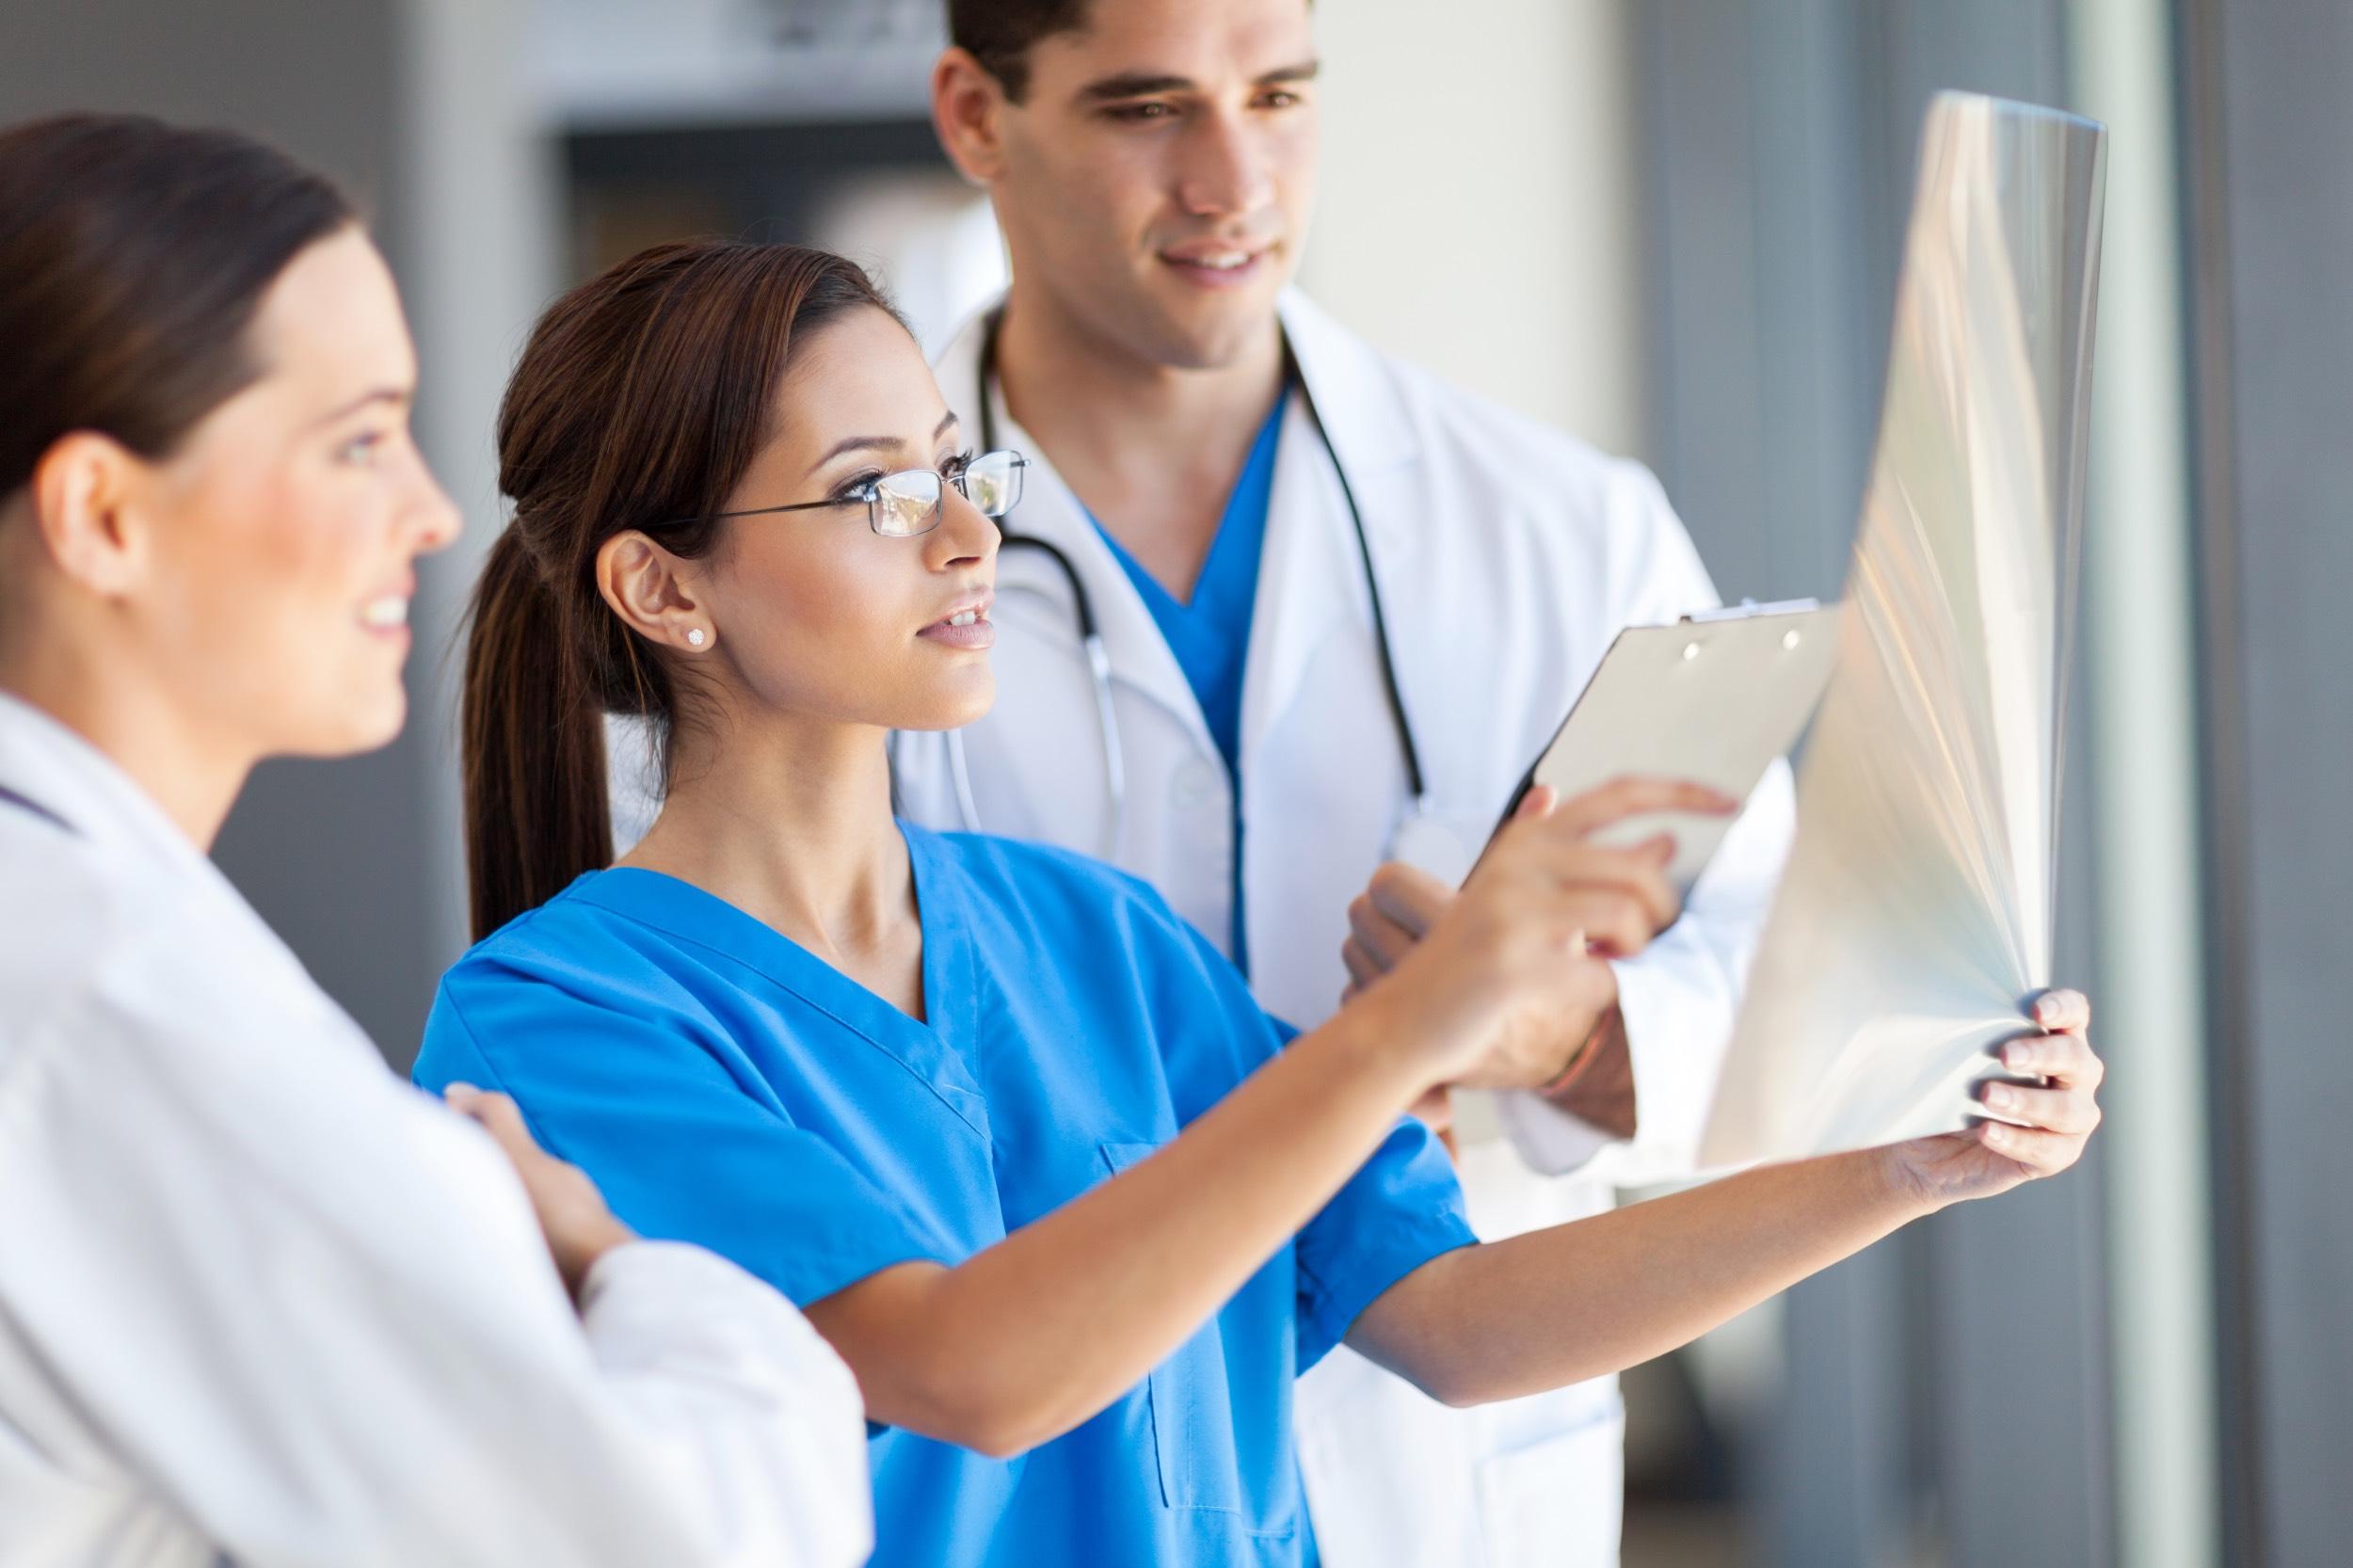 Centrul de diagnostic MEDIRA - Cabinet de osteodensitometrie DXA / Cabinet de ecografie / Cabinet Radiologie-Imagistică